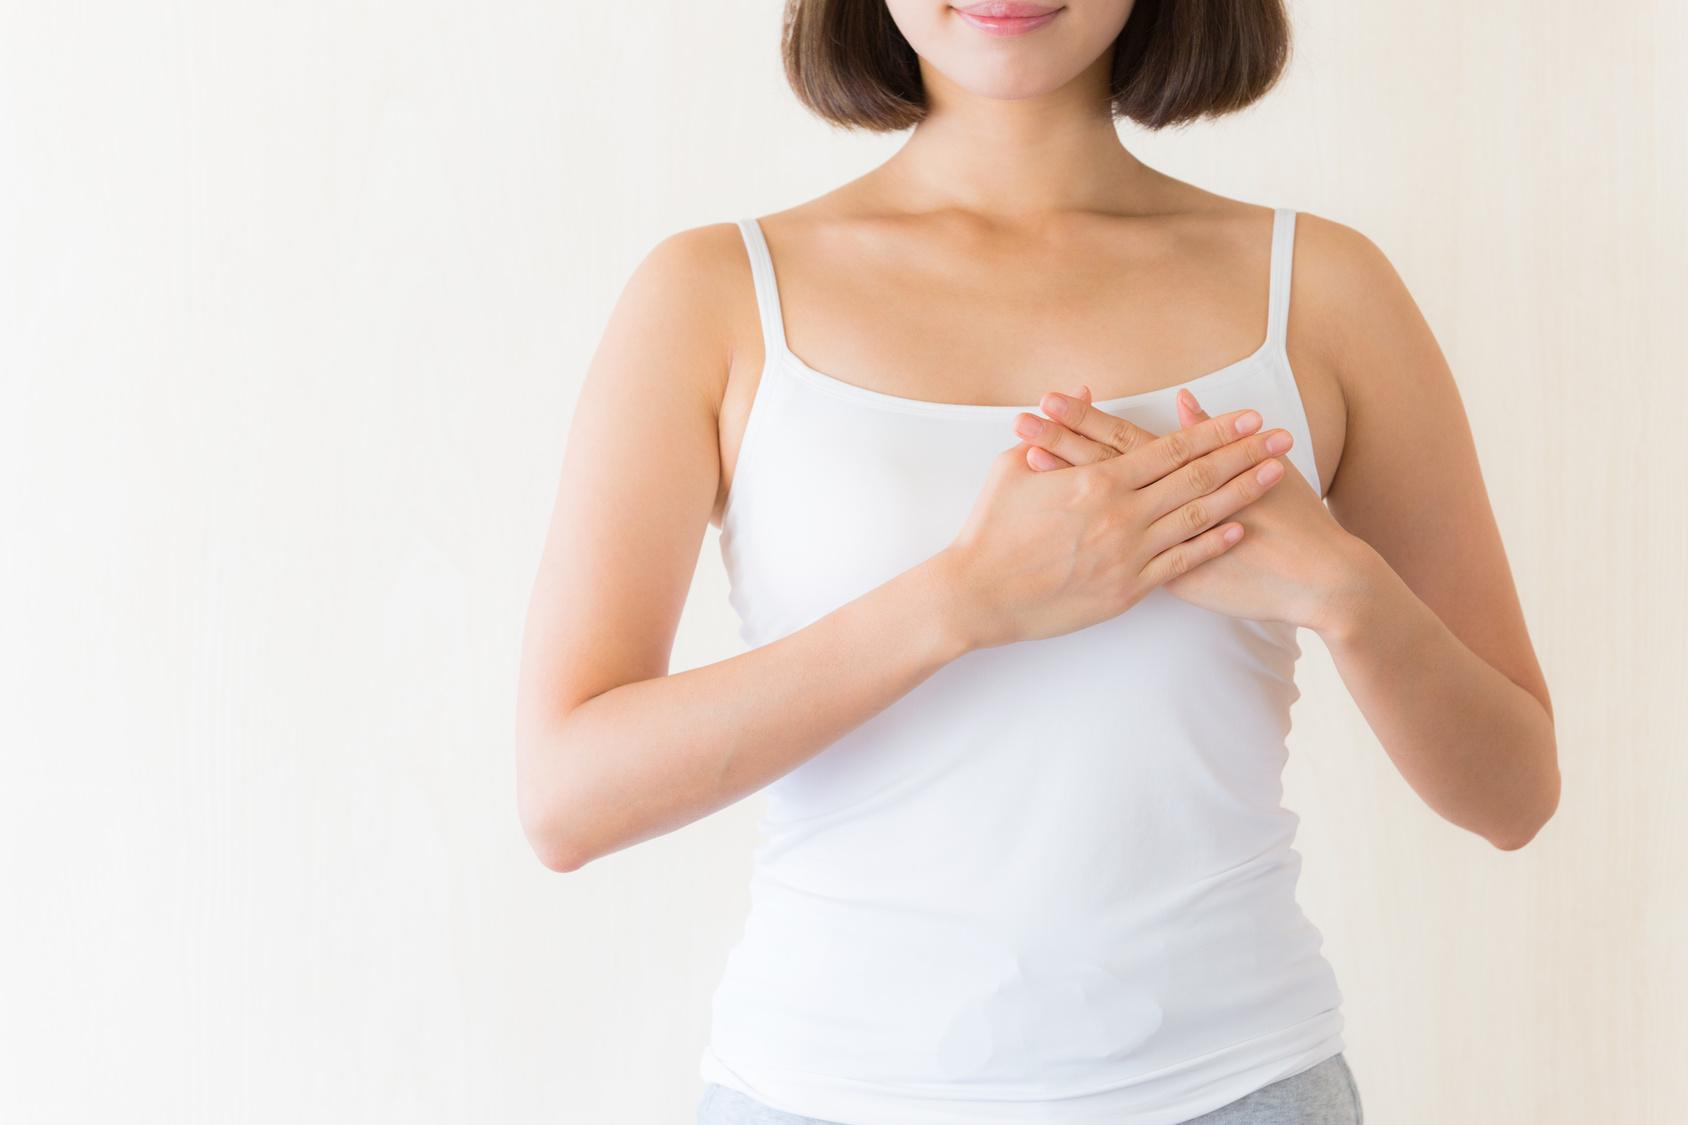 乳房温存手術後に再切除が必要となることは手術件数が多い名医ほど少ない!